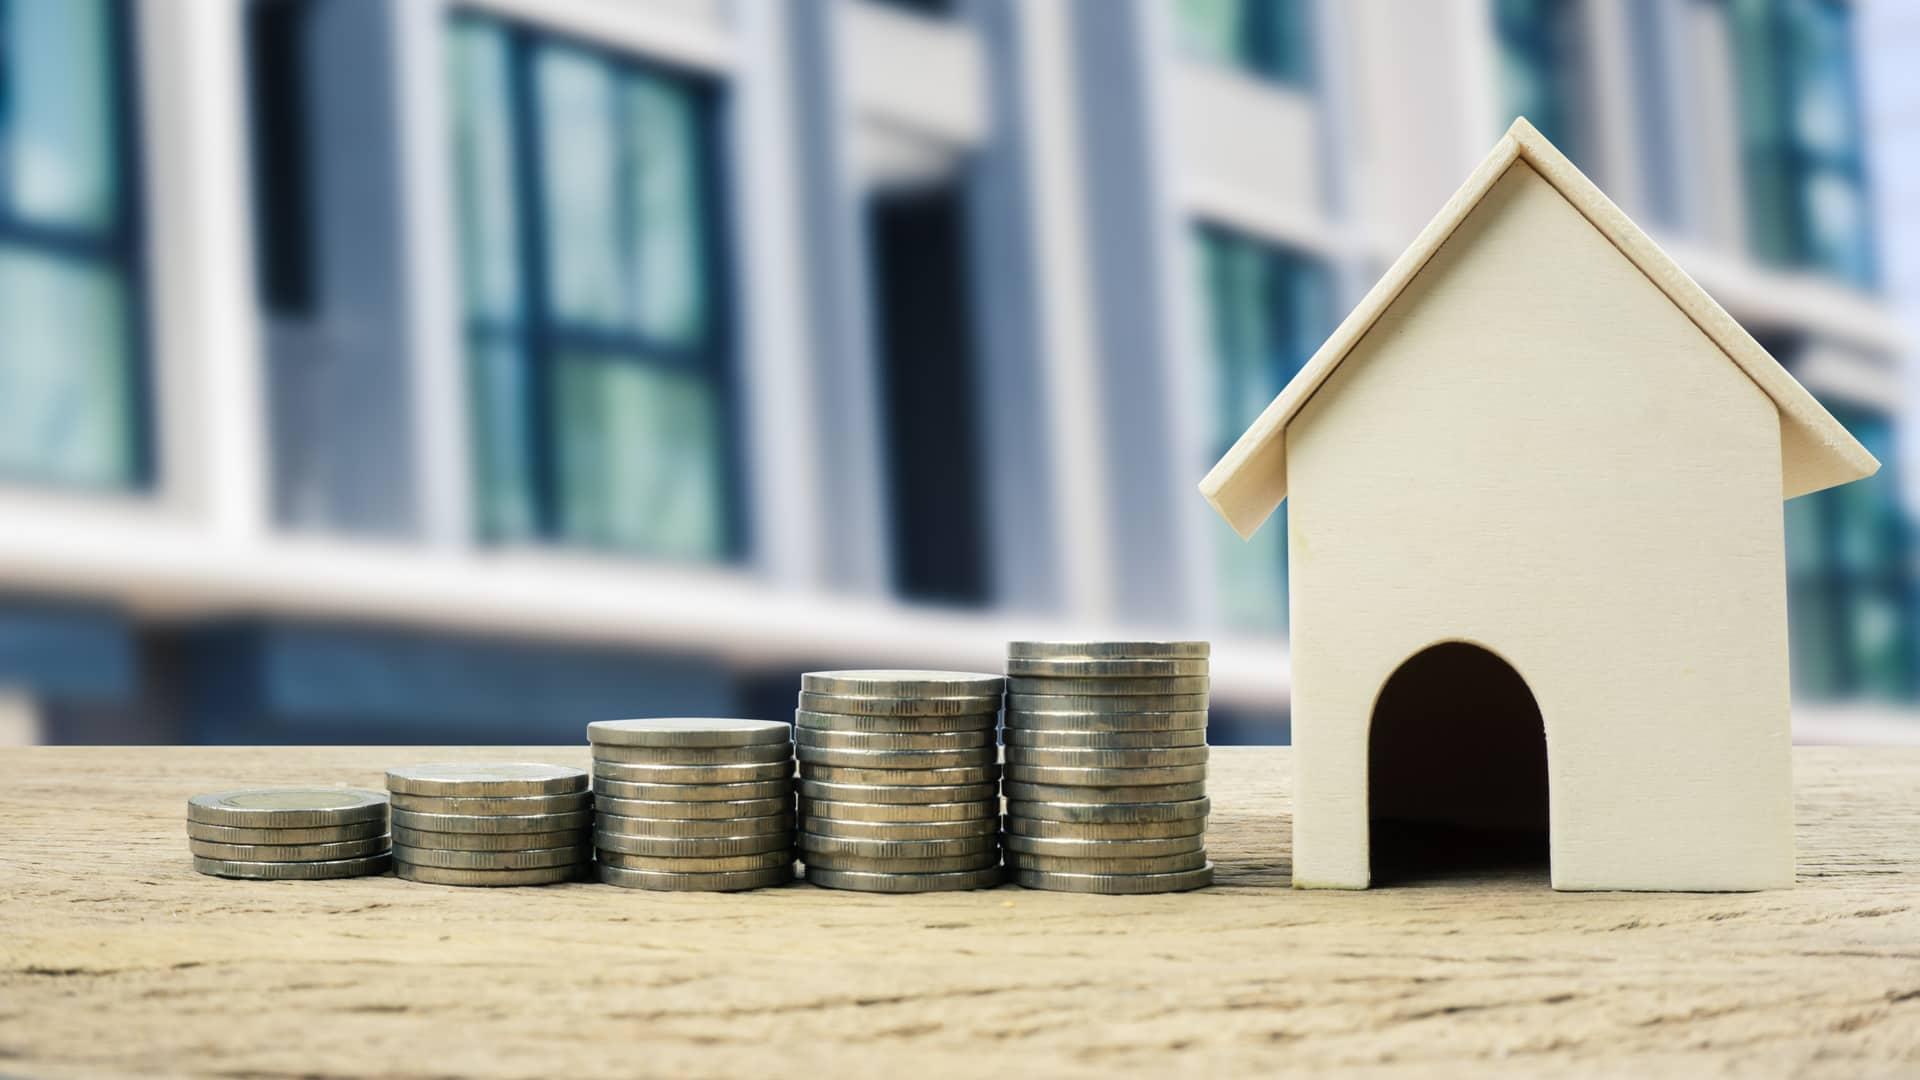 Comprar una casa para alquilar: rentabilidad y fundamentos de la inversión